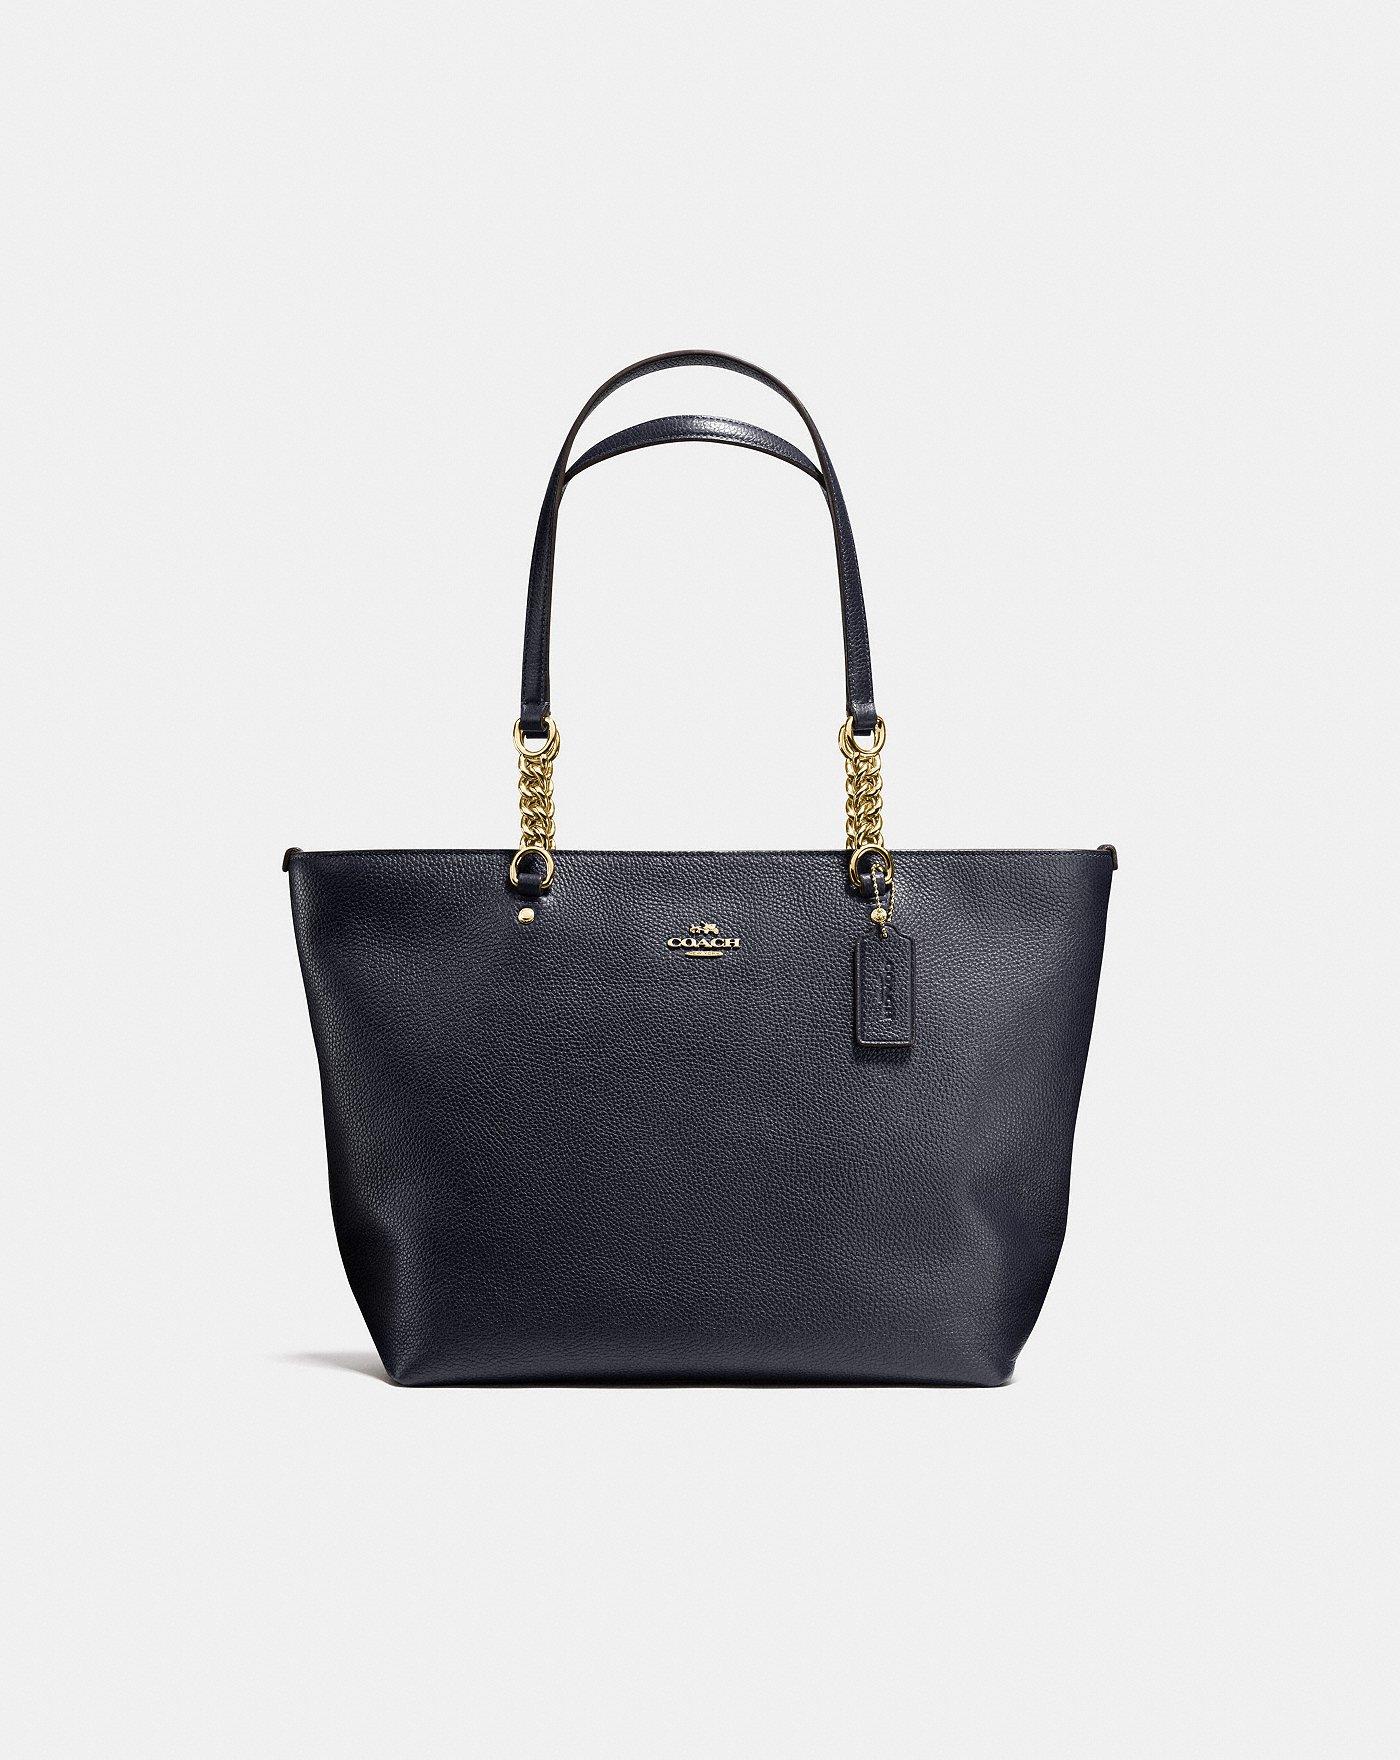 Zos Handbags On Best Handbag 2018